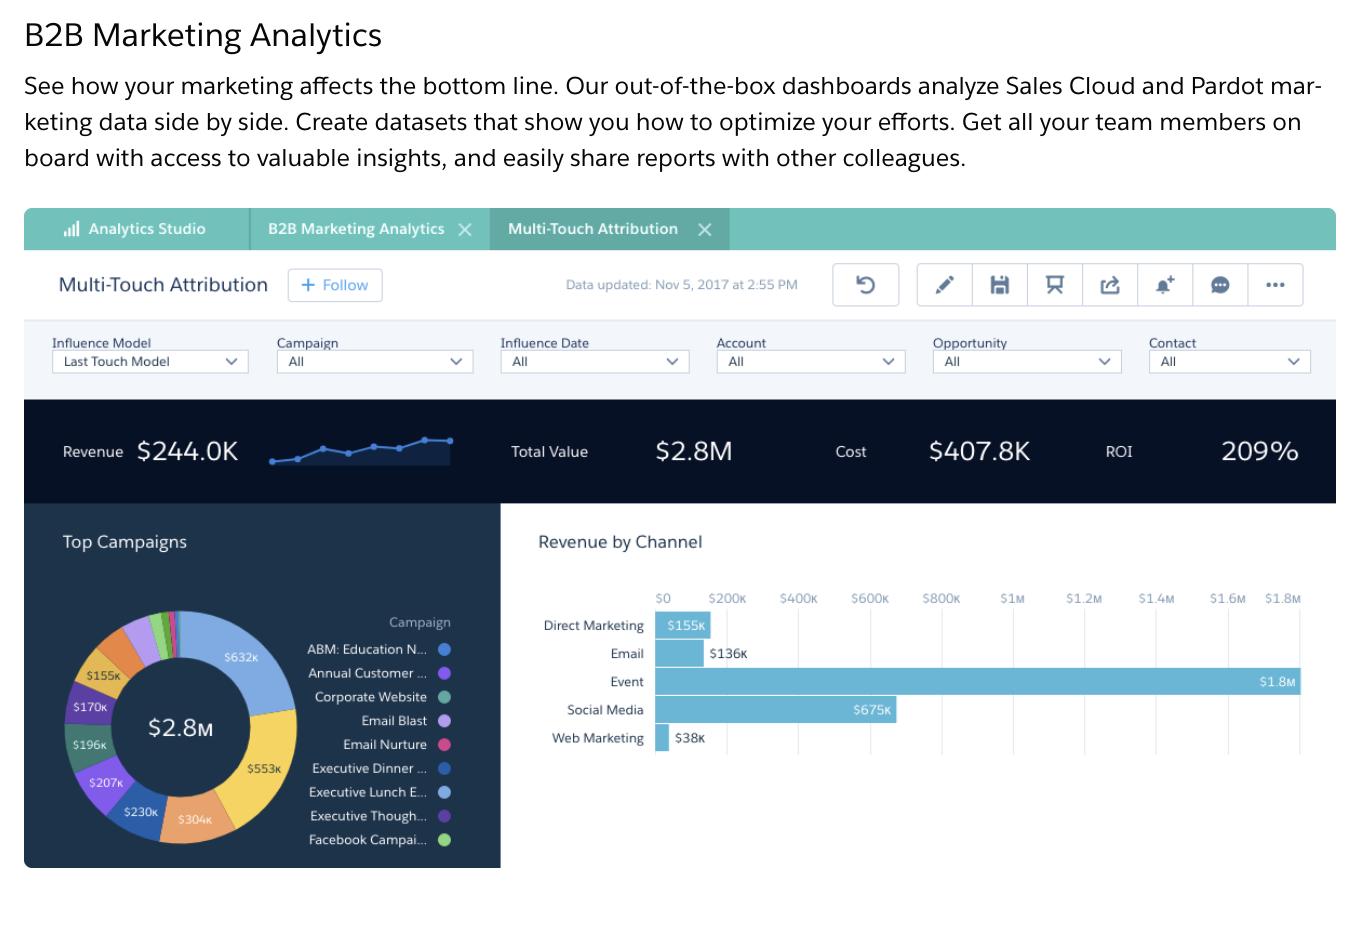 einstein marketing analytics - b2b marketing analytics